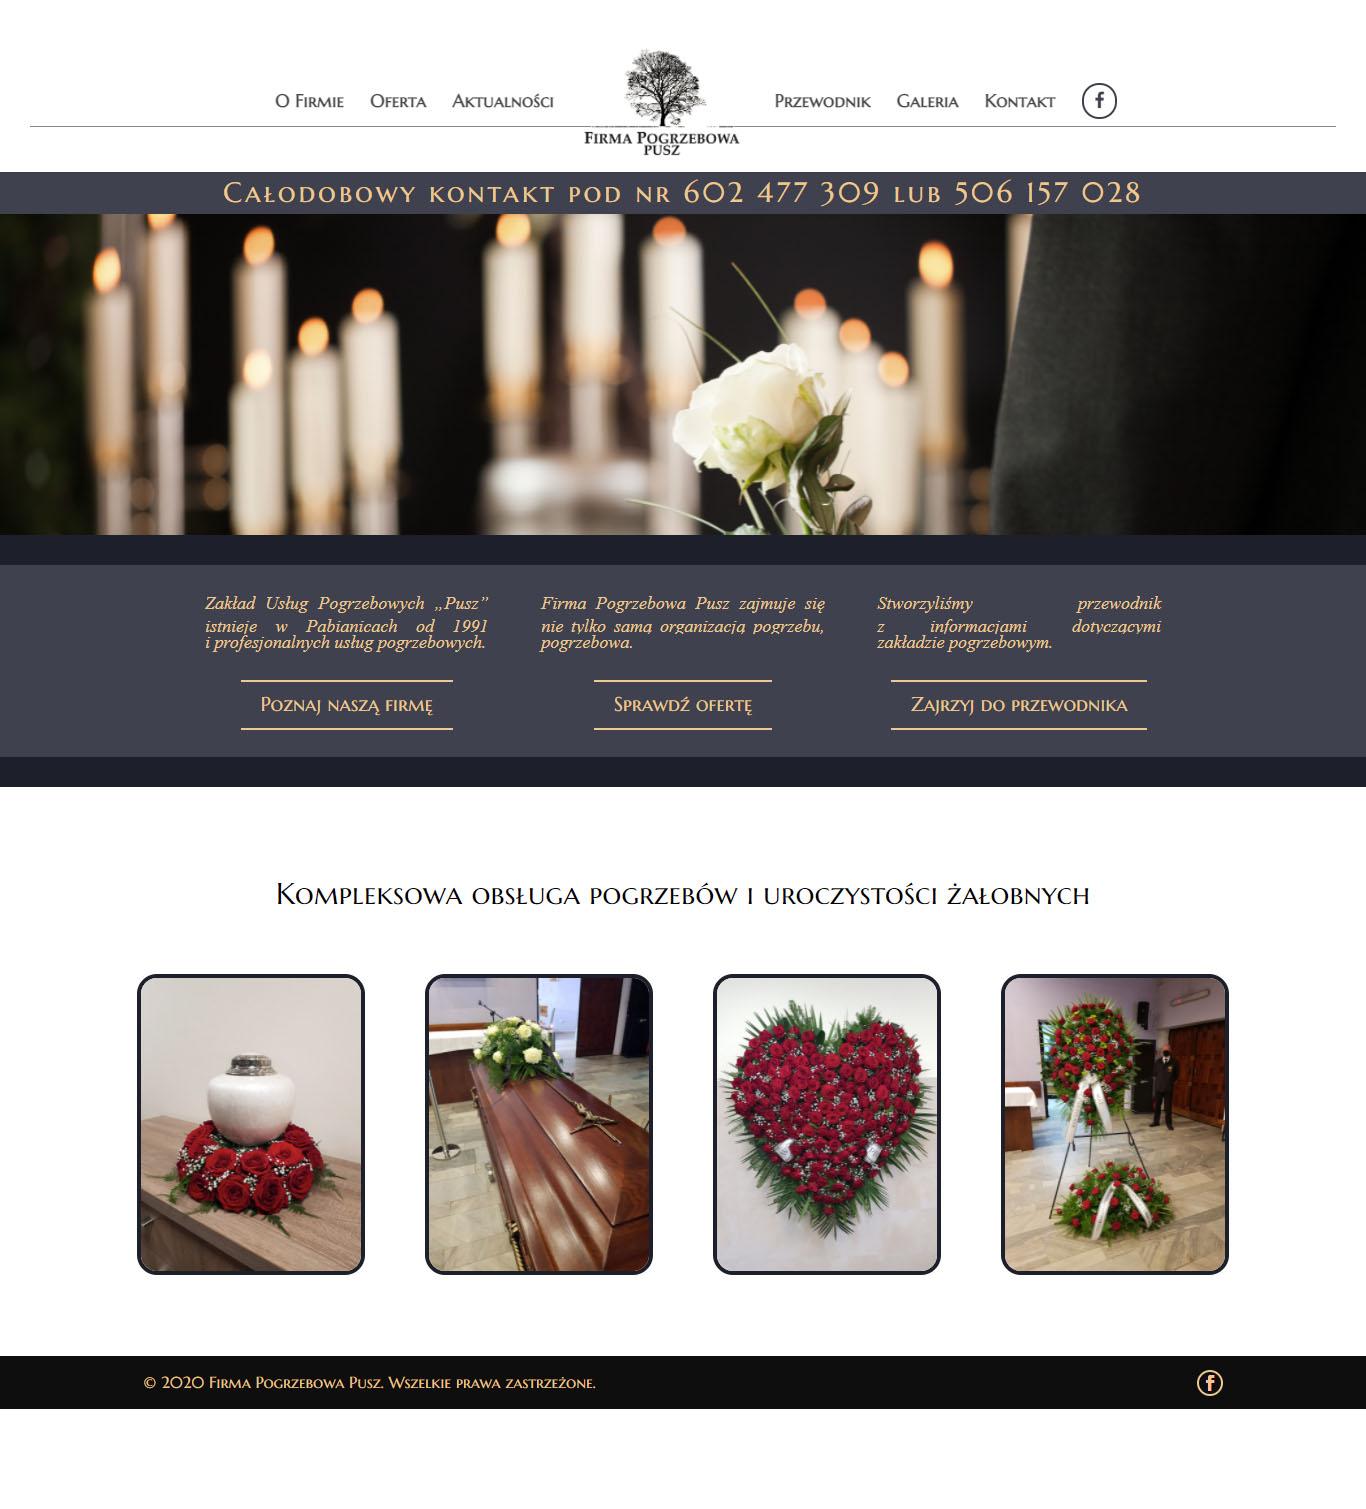 Firma Pogrzebowa Pusz – strona internetowa